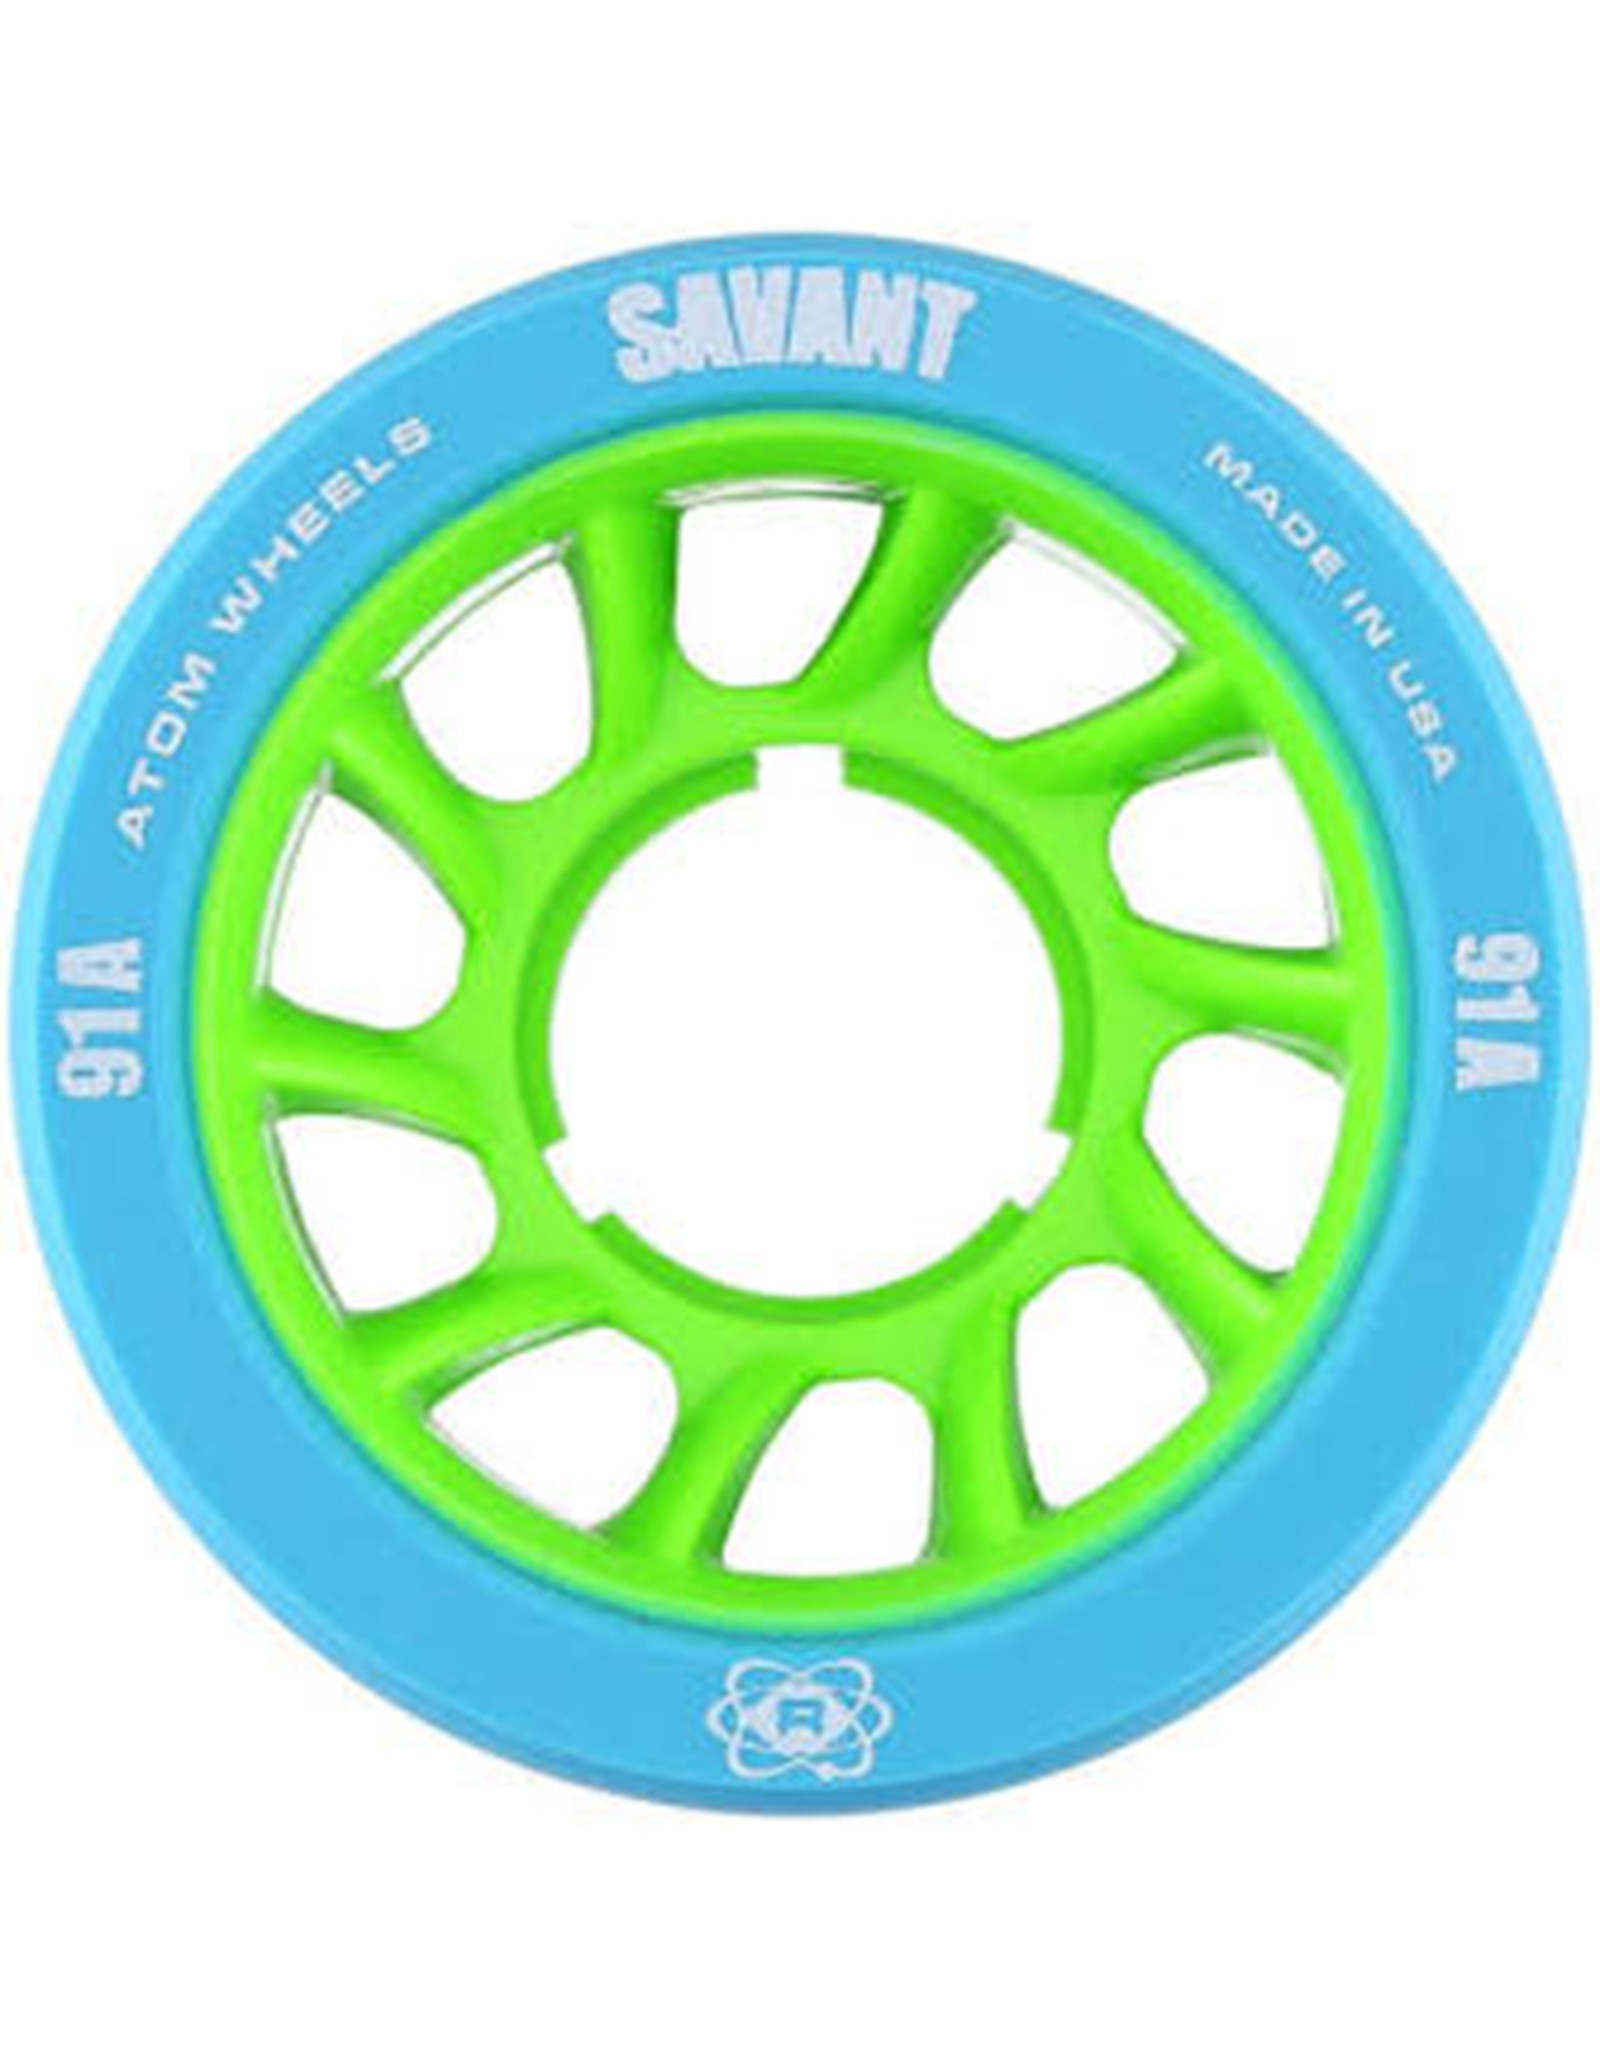 Atom Atom Savant, 4 Pack